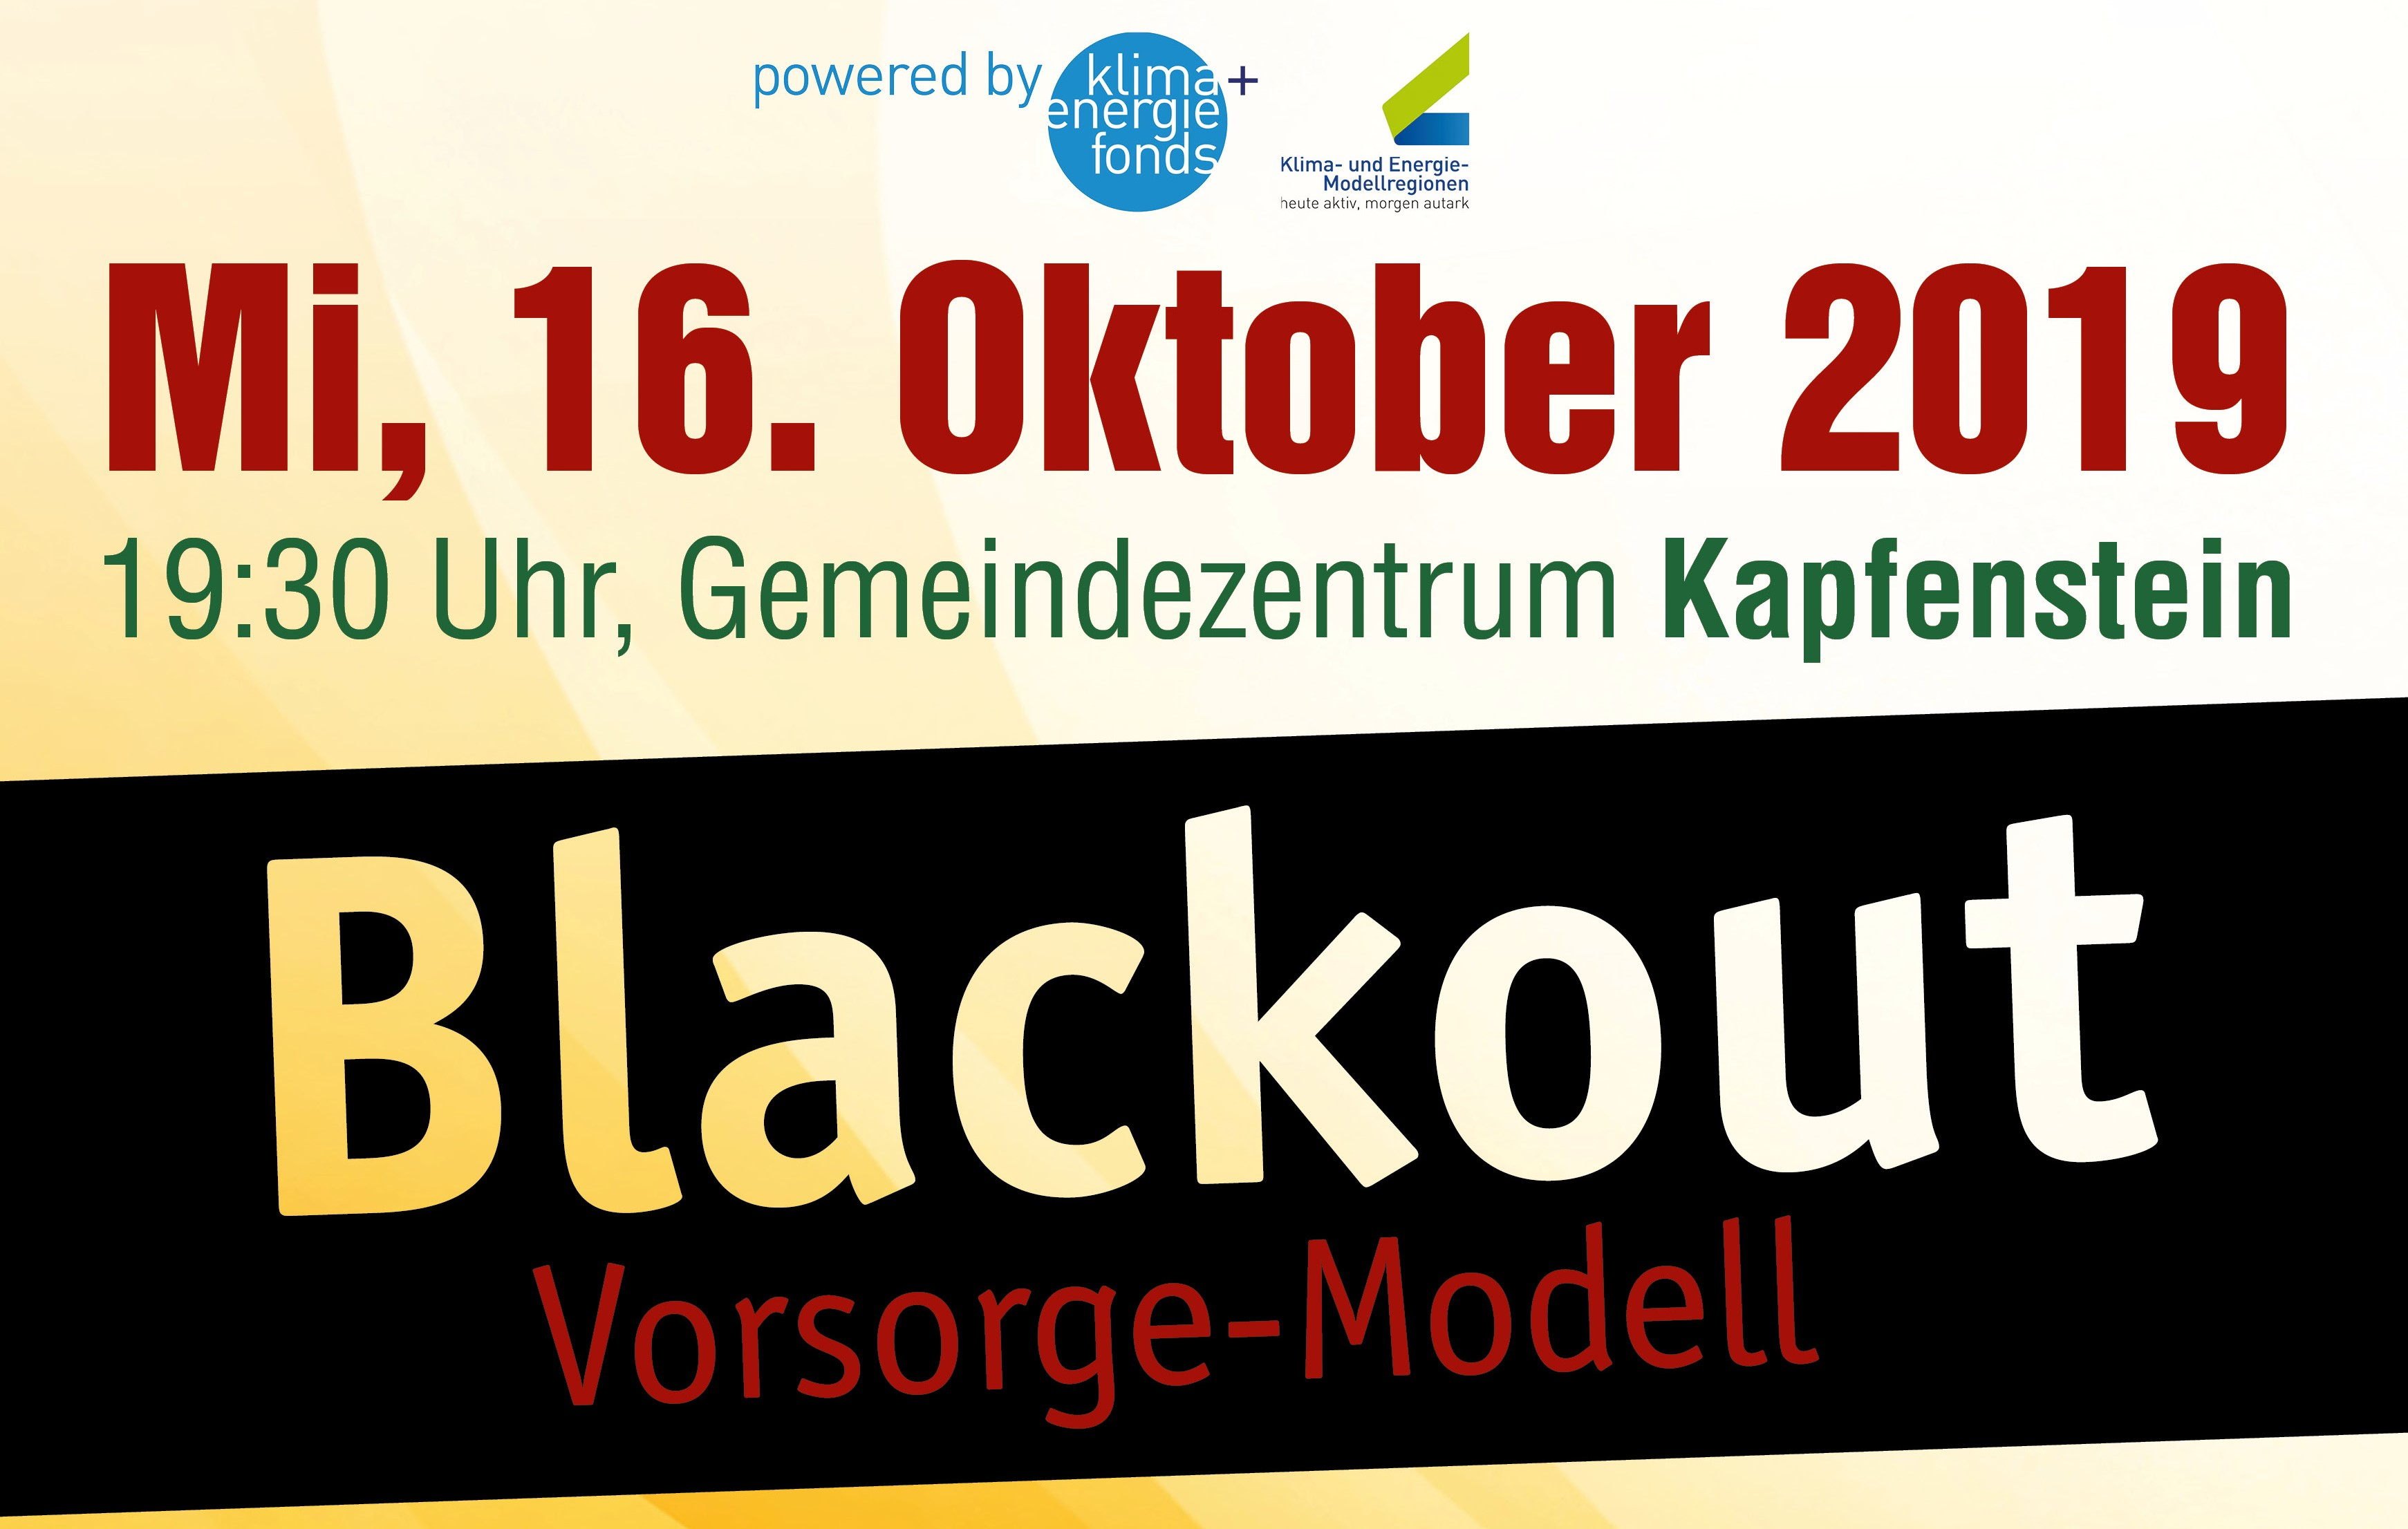 Blackout-Info-Veranstaltung in Kapfenstein, 16.10.2019